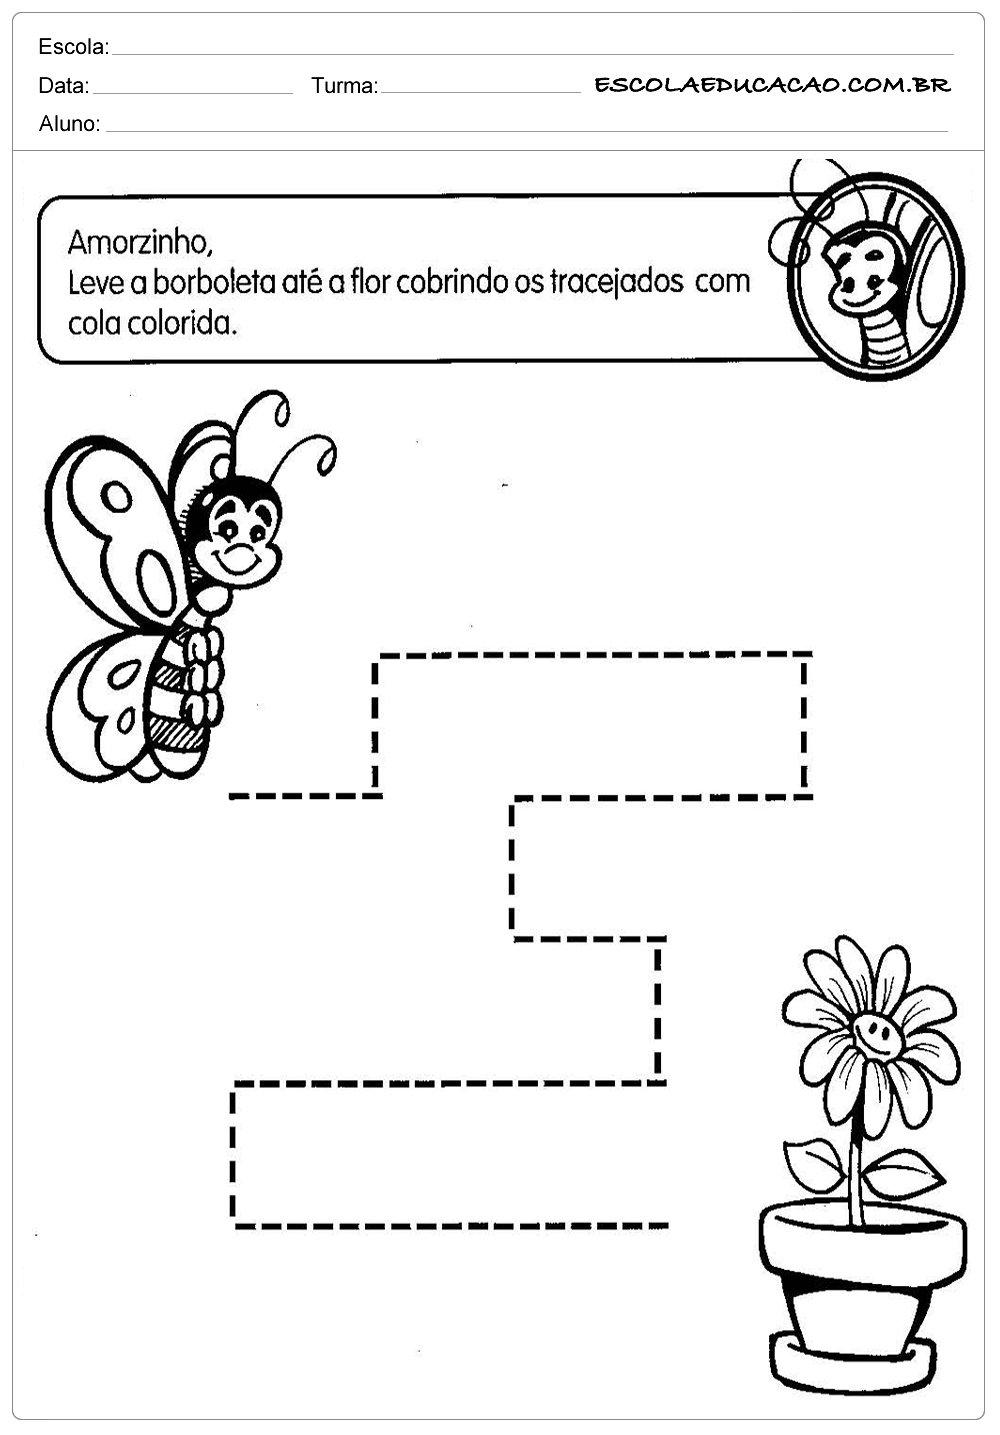 Muitas vezes Atividades Pontilhadas Maternal - Abelha - Escola Educação EV54